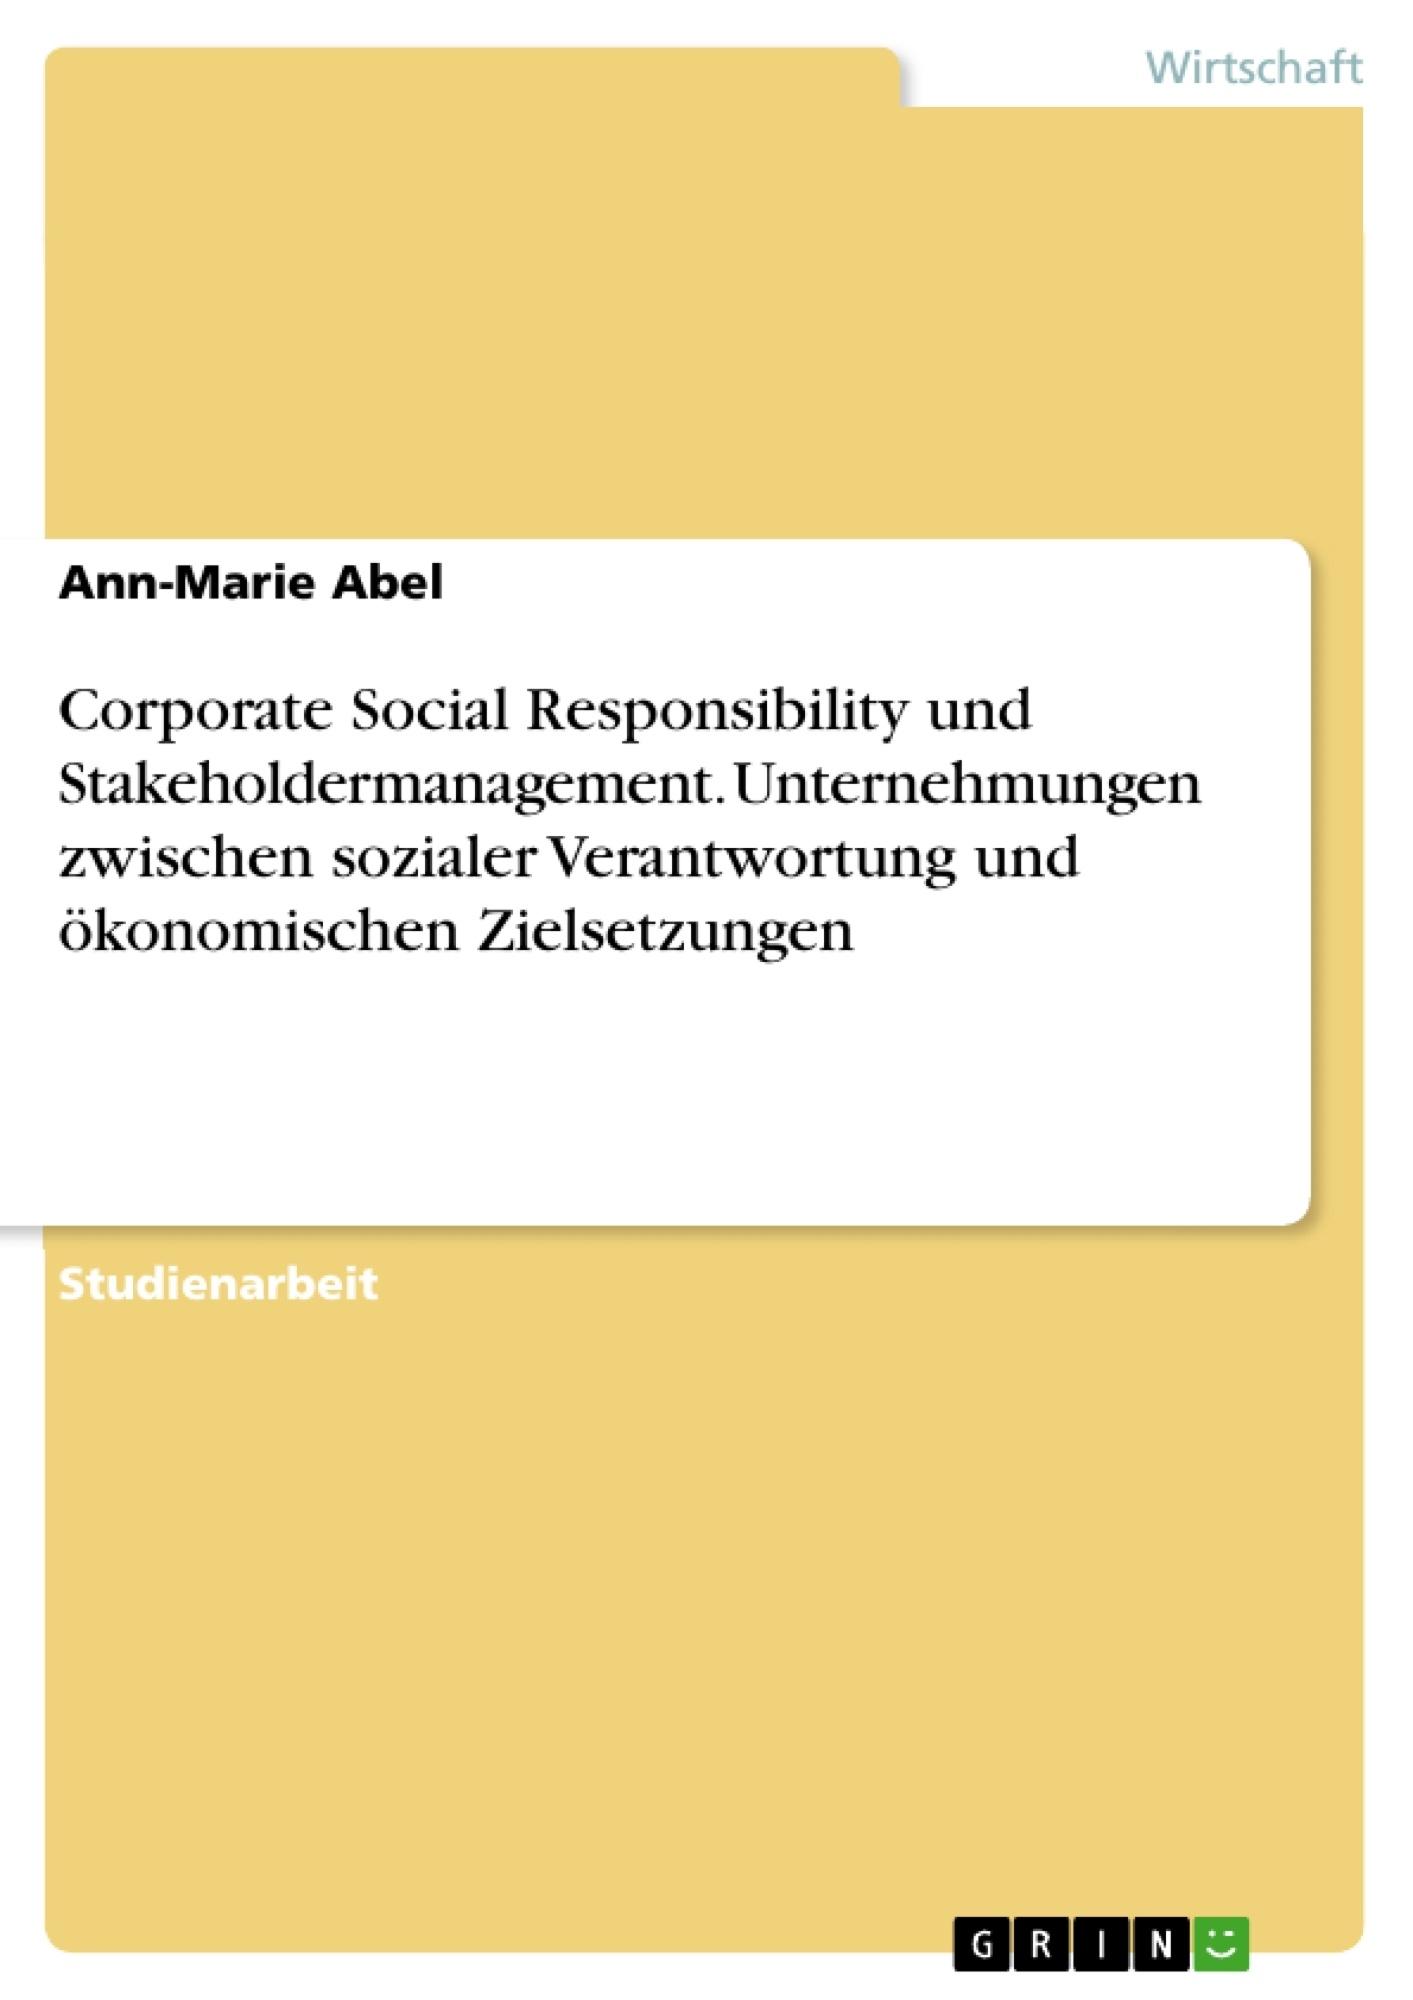 Titel: Corporate Social Responsibility und Stakeholdermanagement. Unternehmungen zwischen sozialer Verantwortung und ökonomischen Zielsetzungen